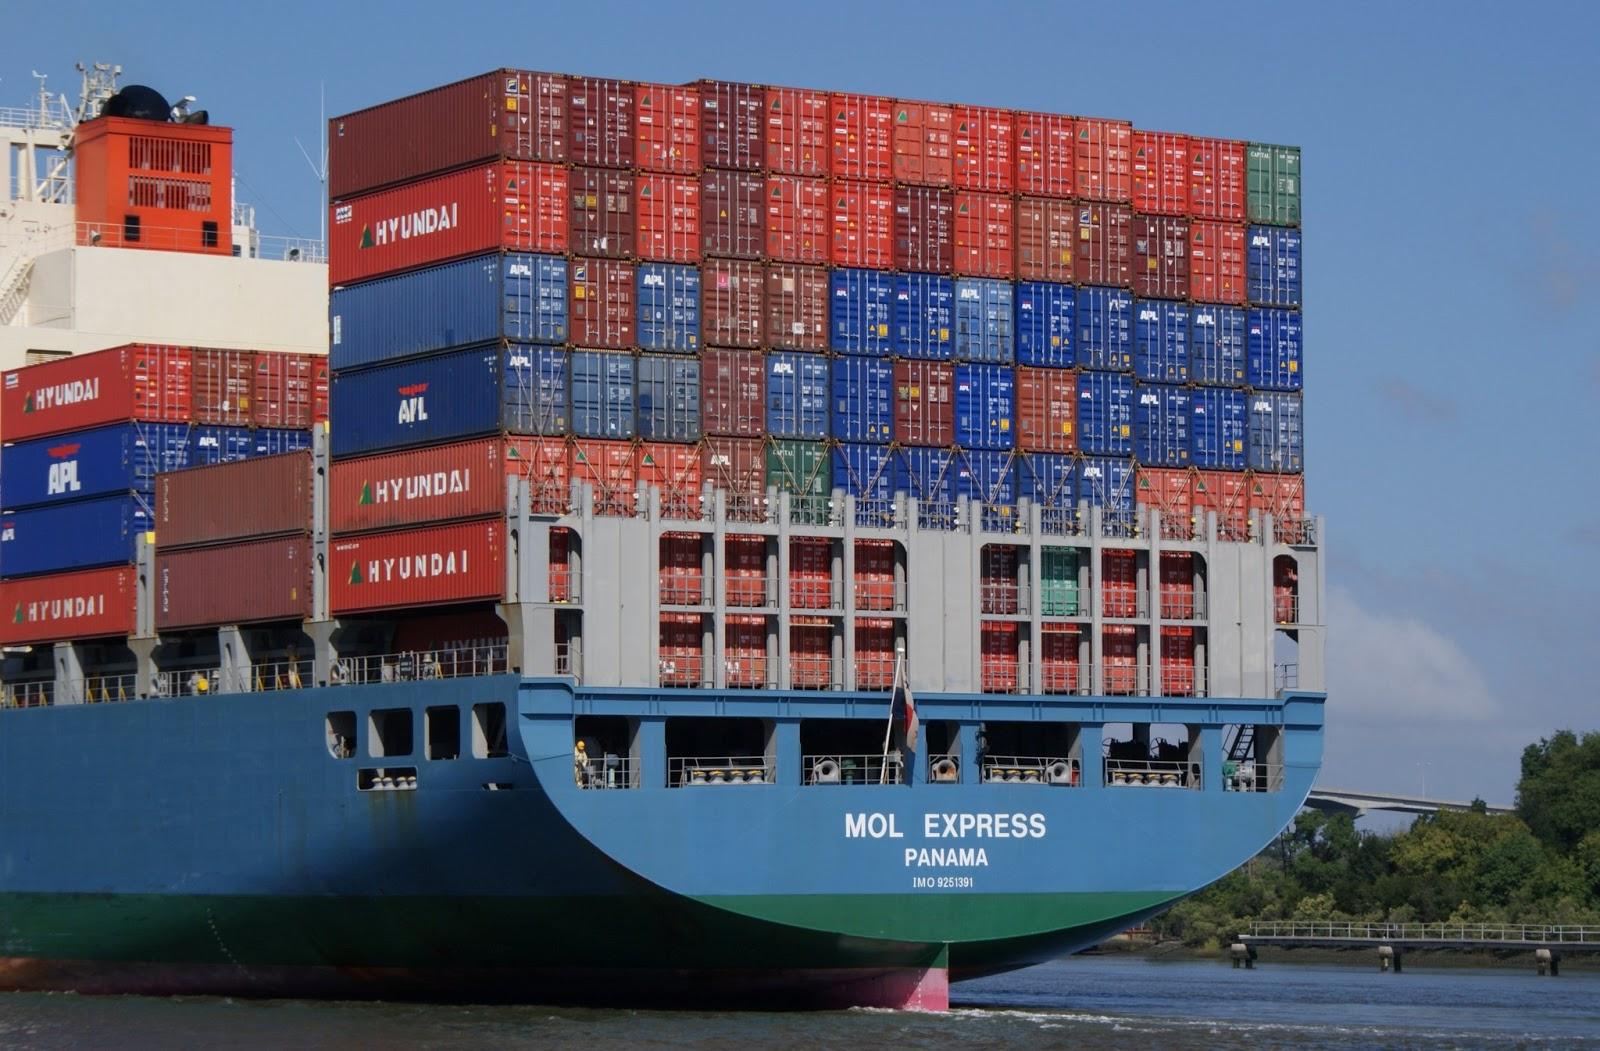 La importancia de los contenedores en la econom a economicasfce - Contenedores de barco ...